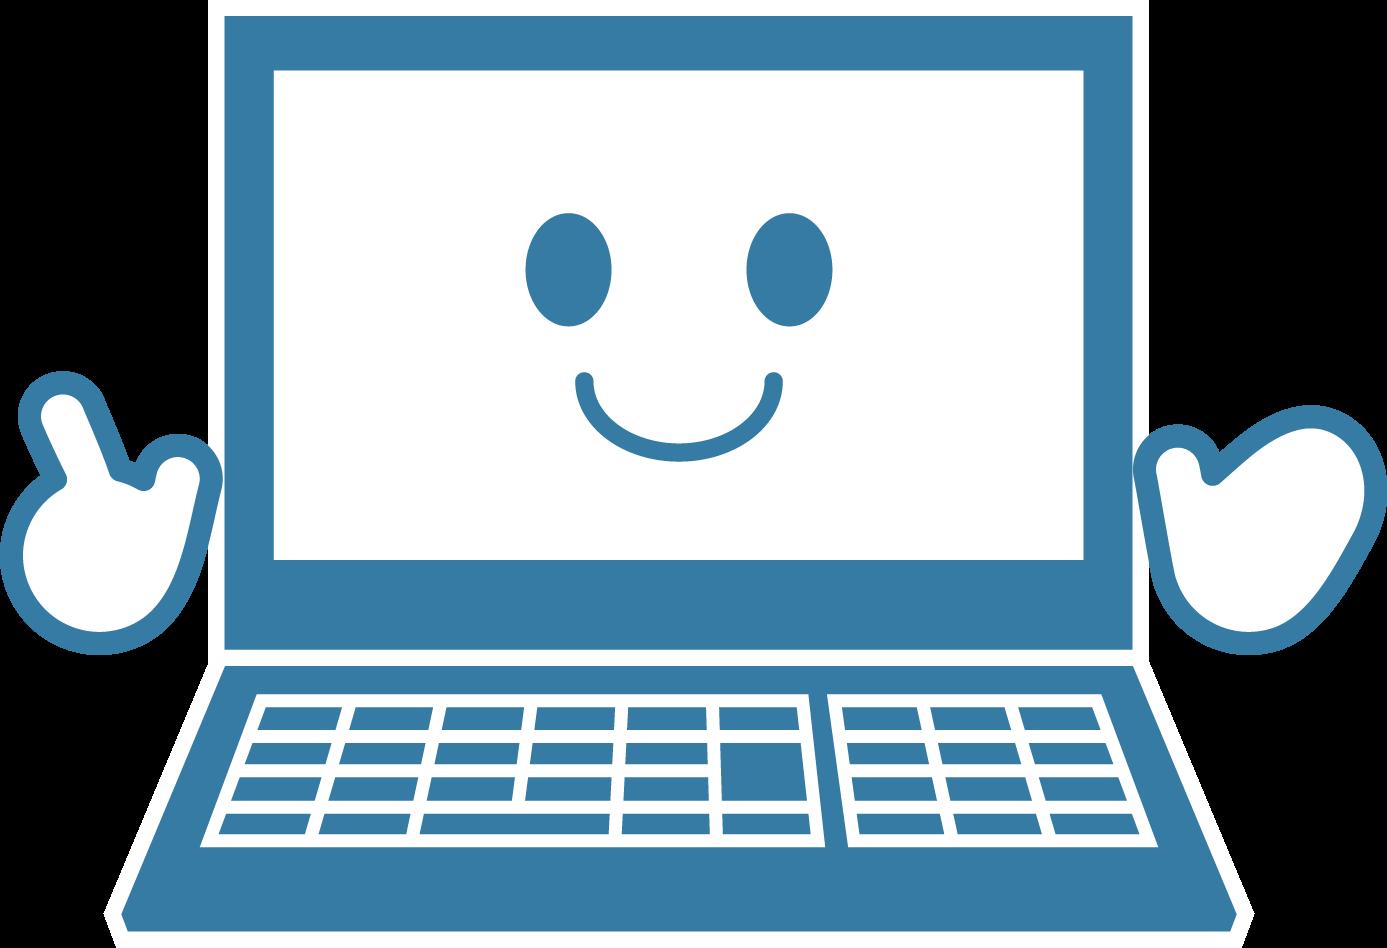 かわいいパソコンイラスト / pc教室マスコットなどに   可愛い無料